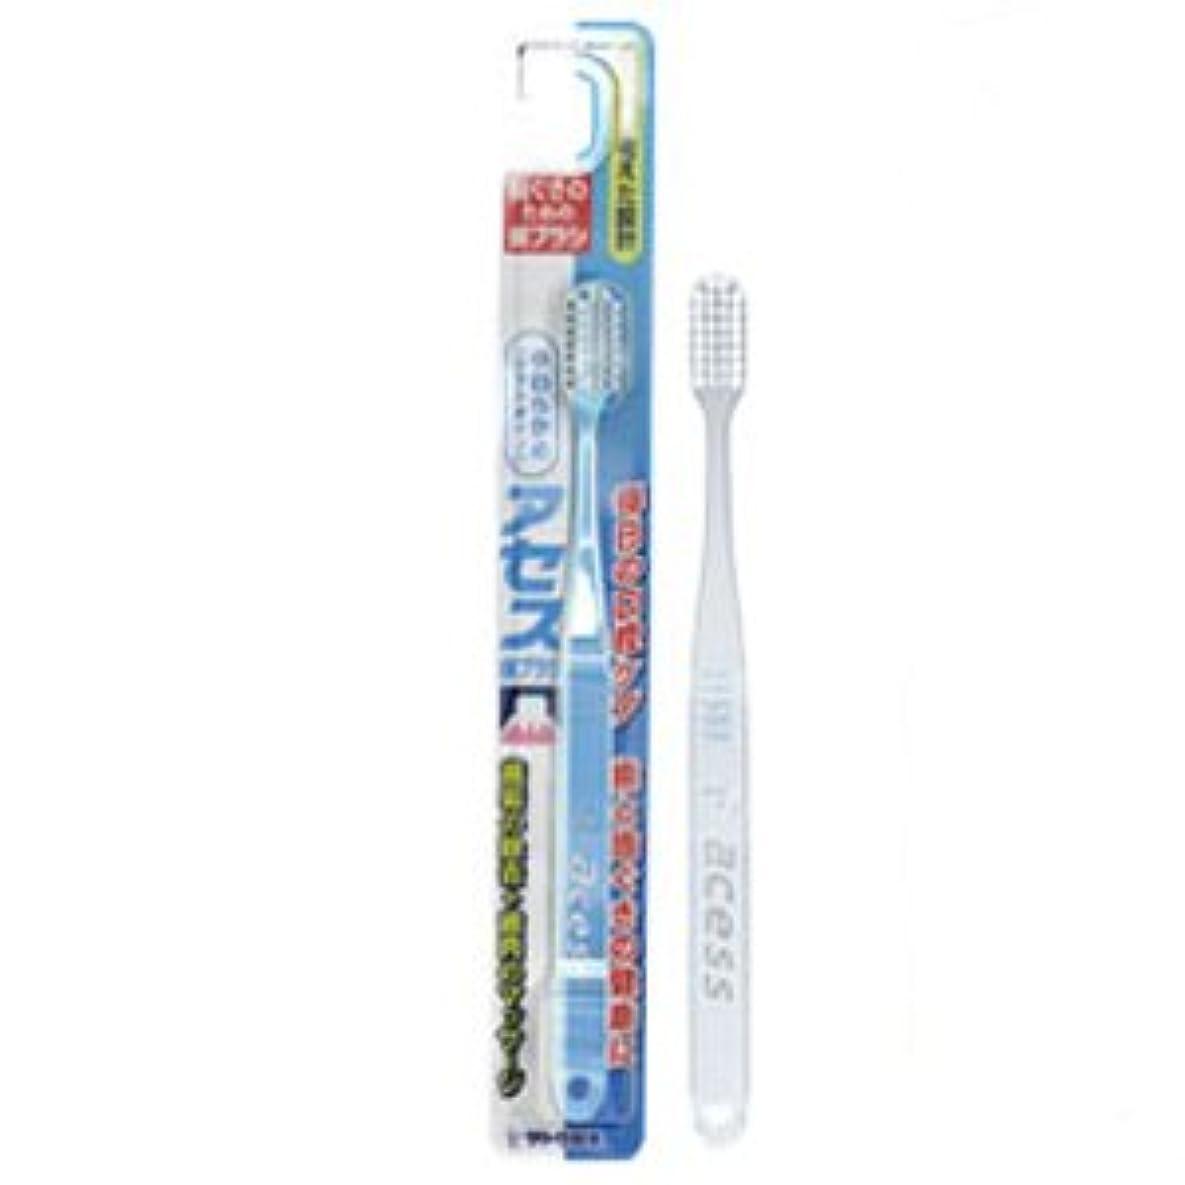 アセス歯ブラシ やわらかめ(ソフトタイプ) クリア 12本